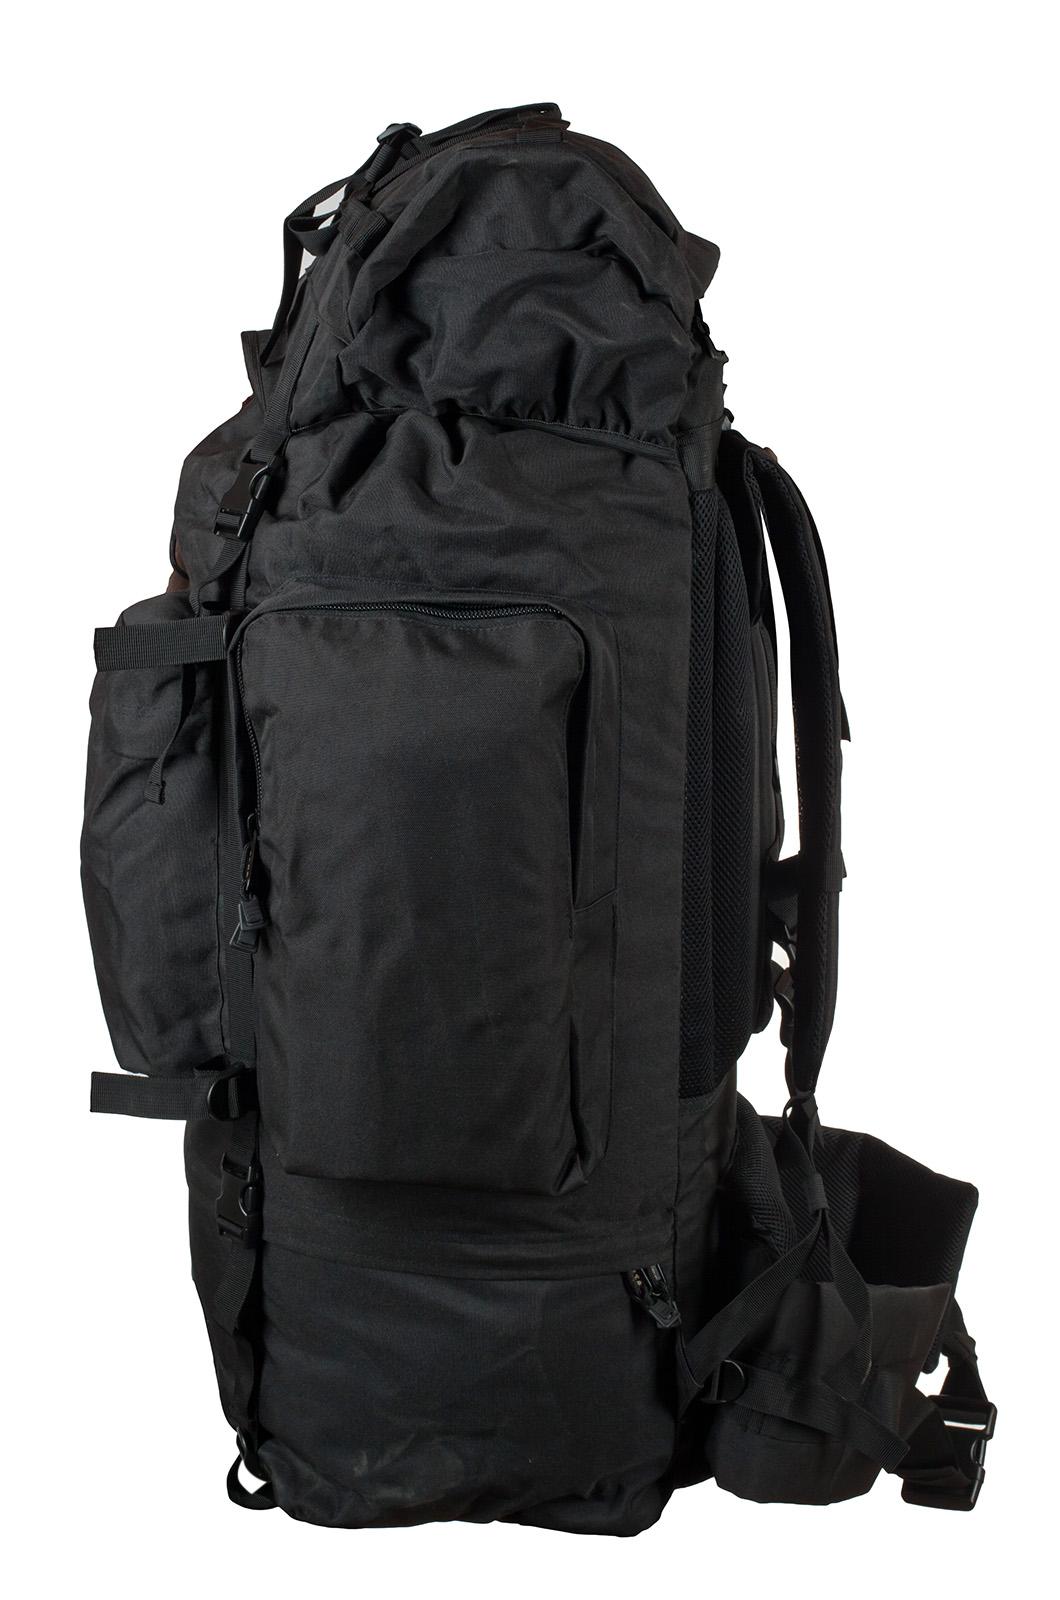 Большой тактический рюкзак для похода под снаряжение